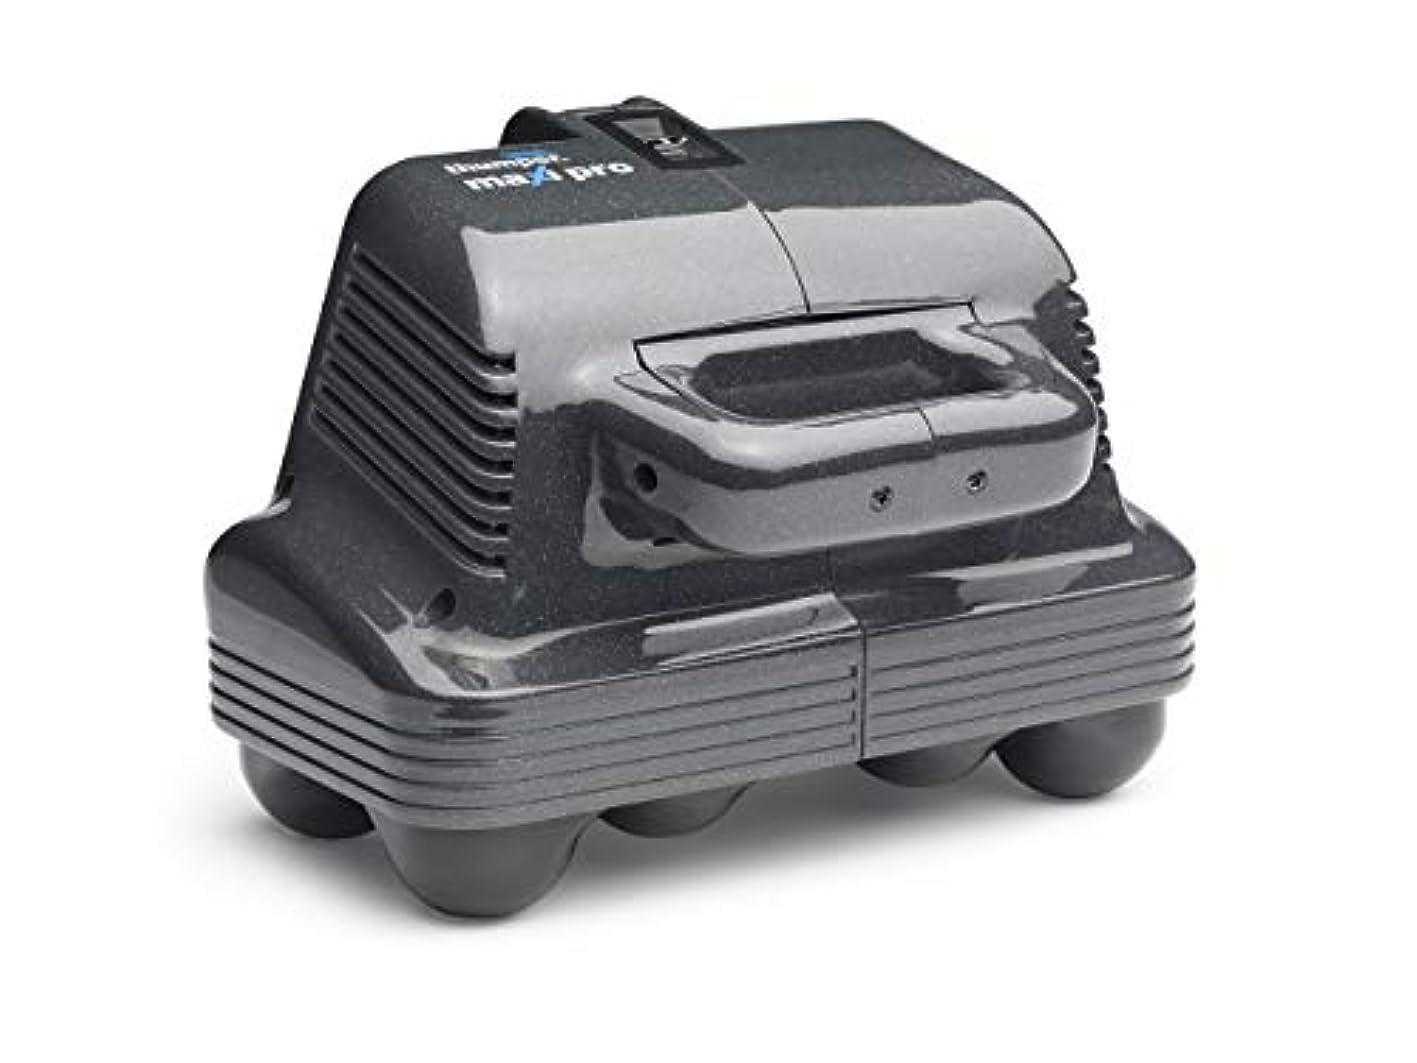 強大な定説限界Thumper Maxi Pro プロフェッショナル 電気マッサージャー